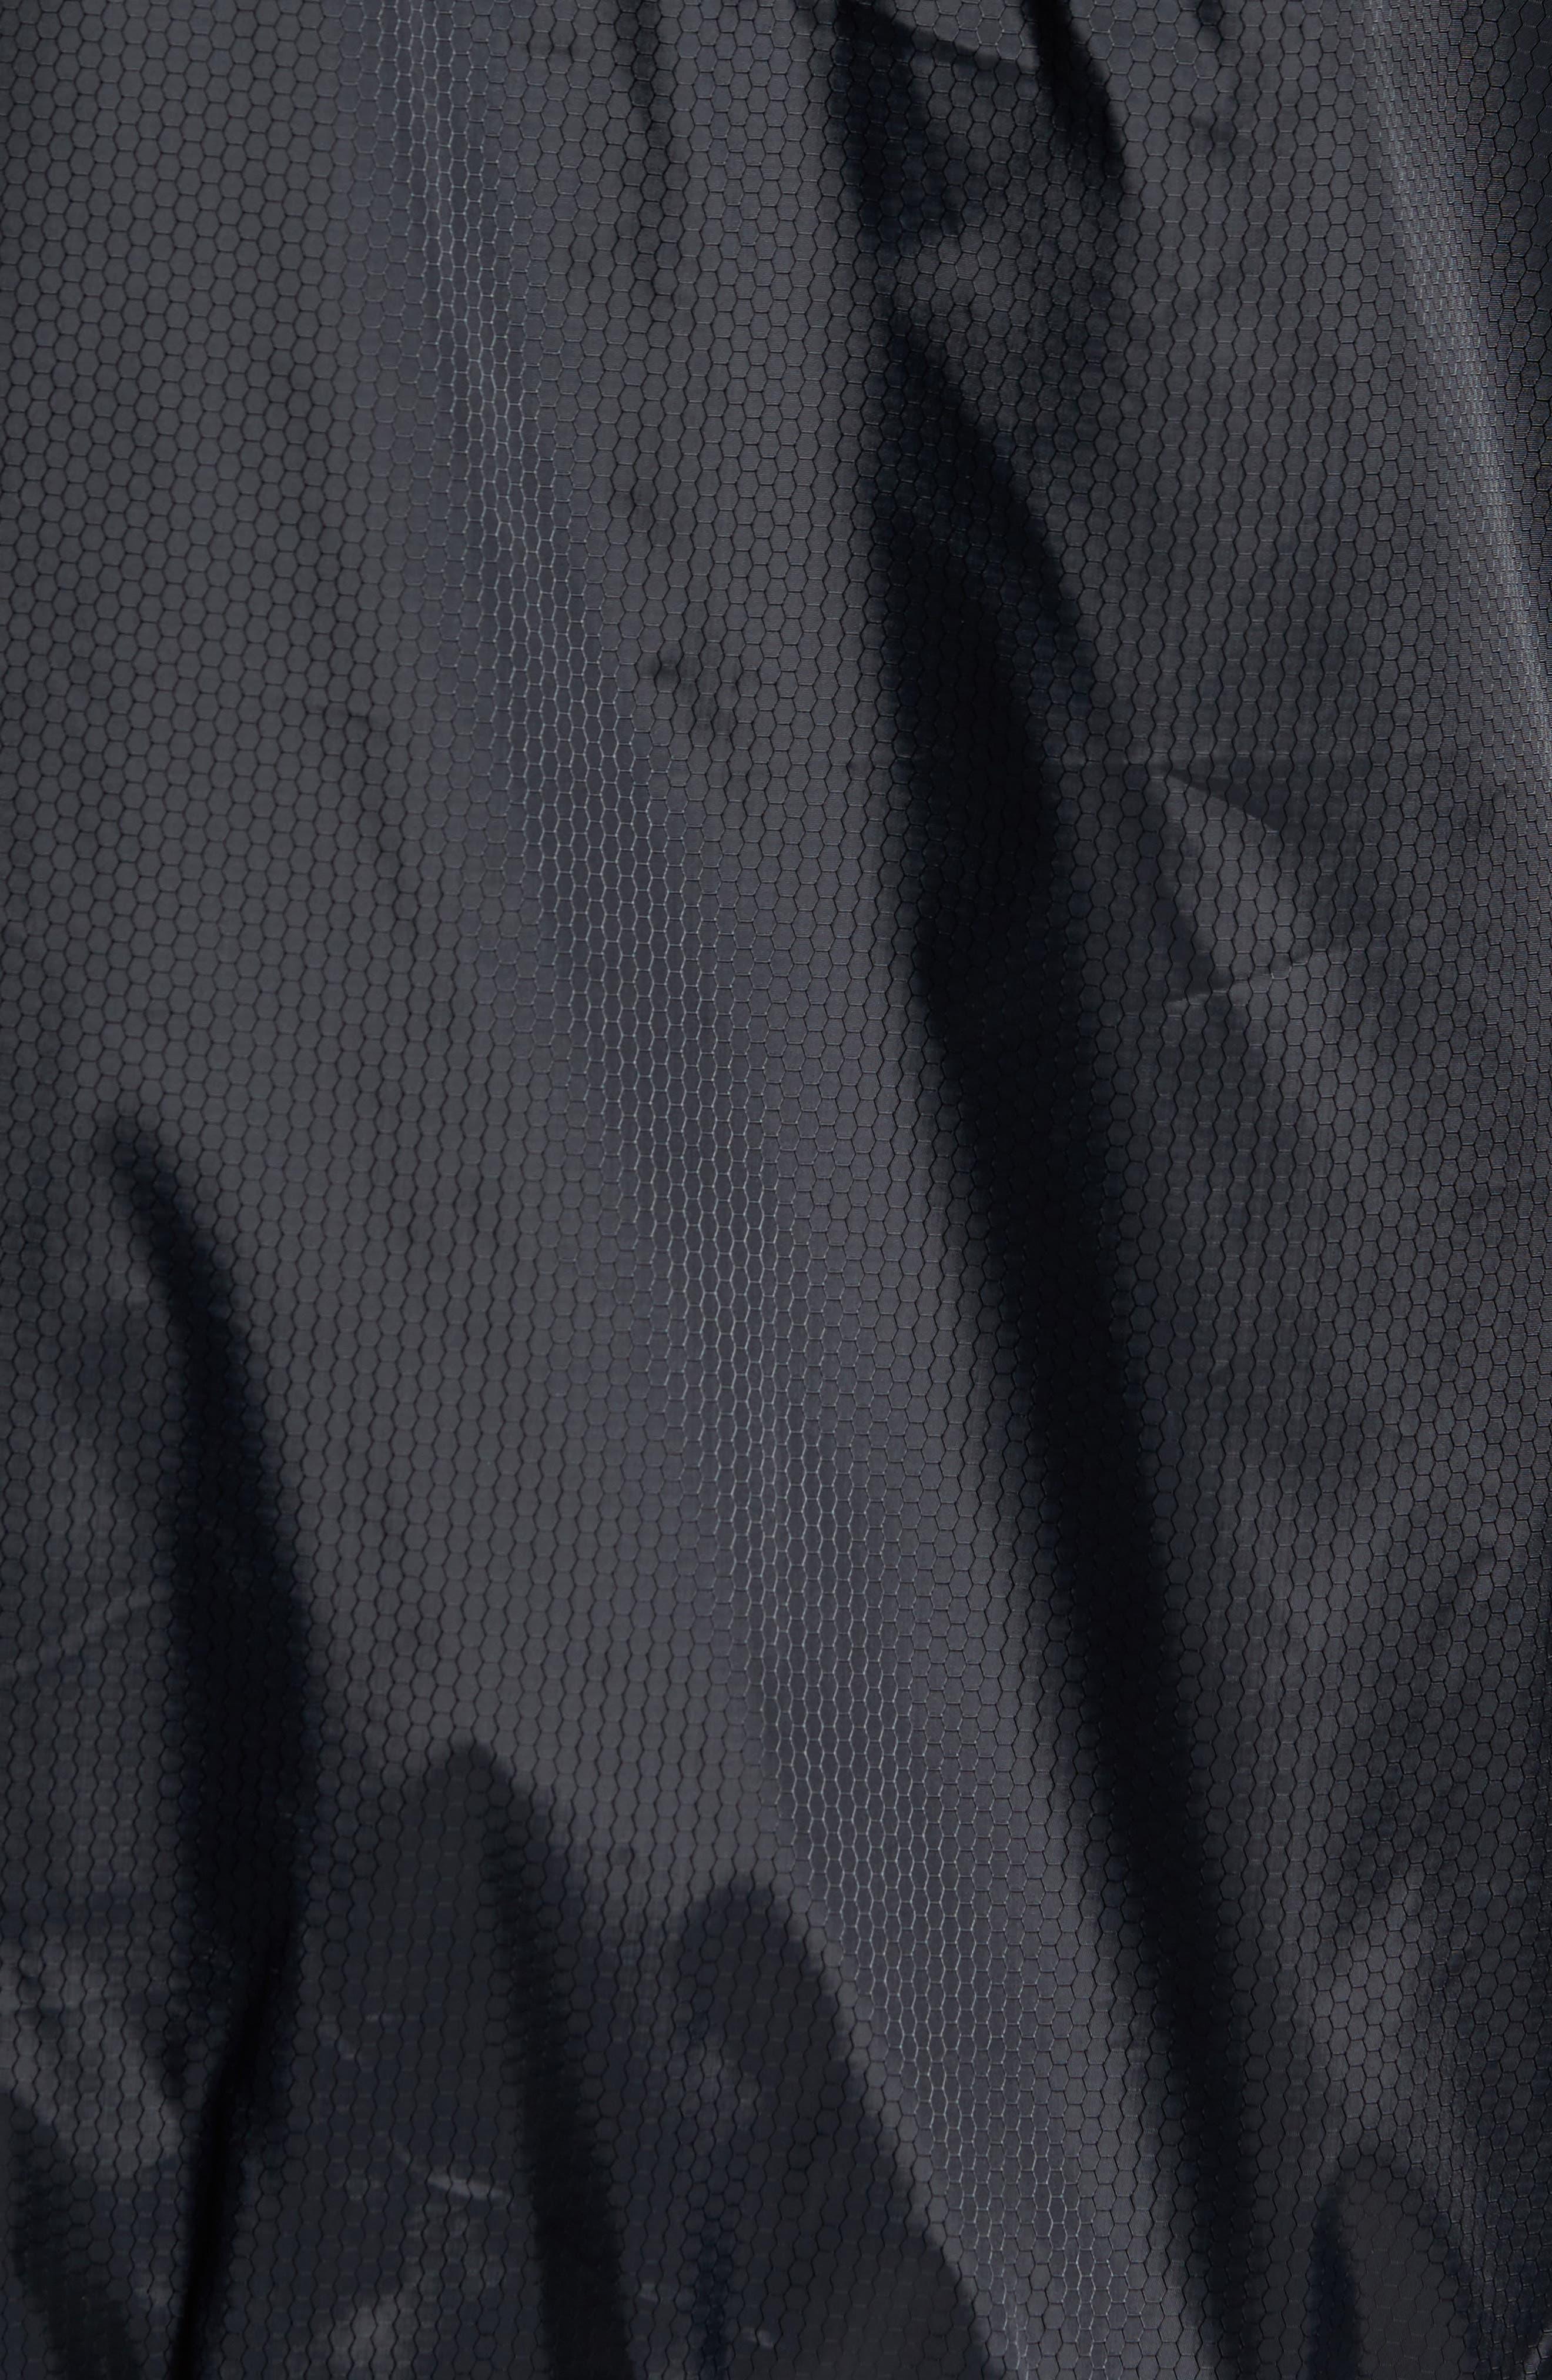 Hexstop II Water Repellent Hooded Jacket,                             Alternate thumbnail 6, color,                             001